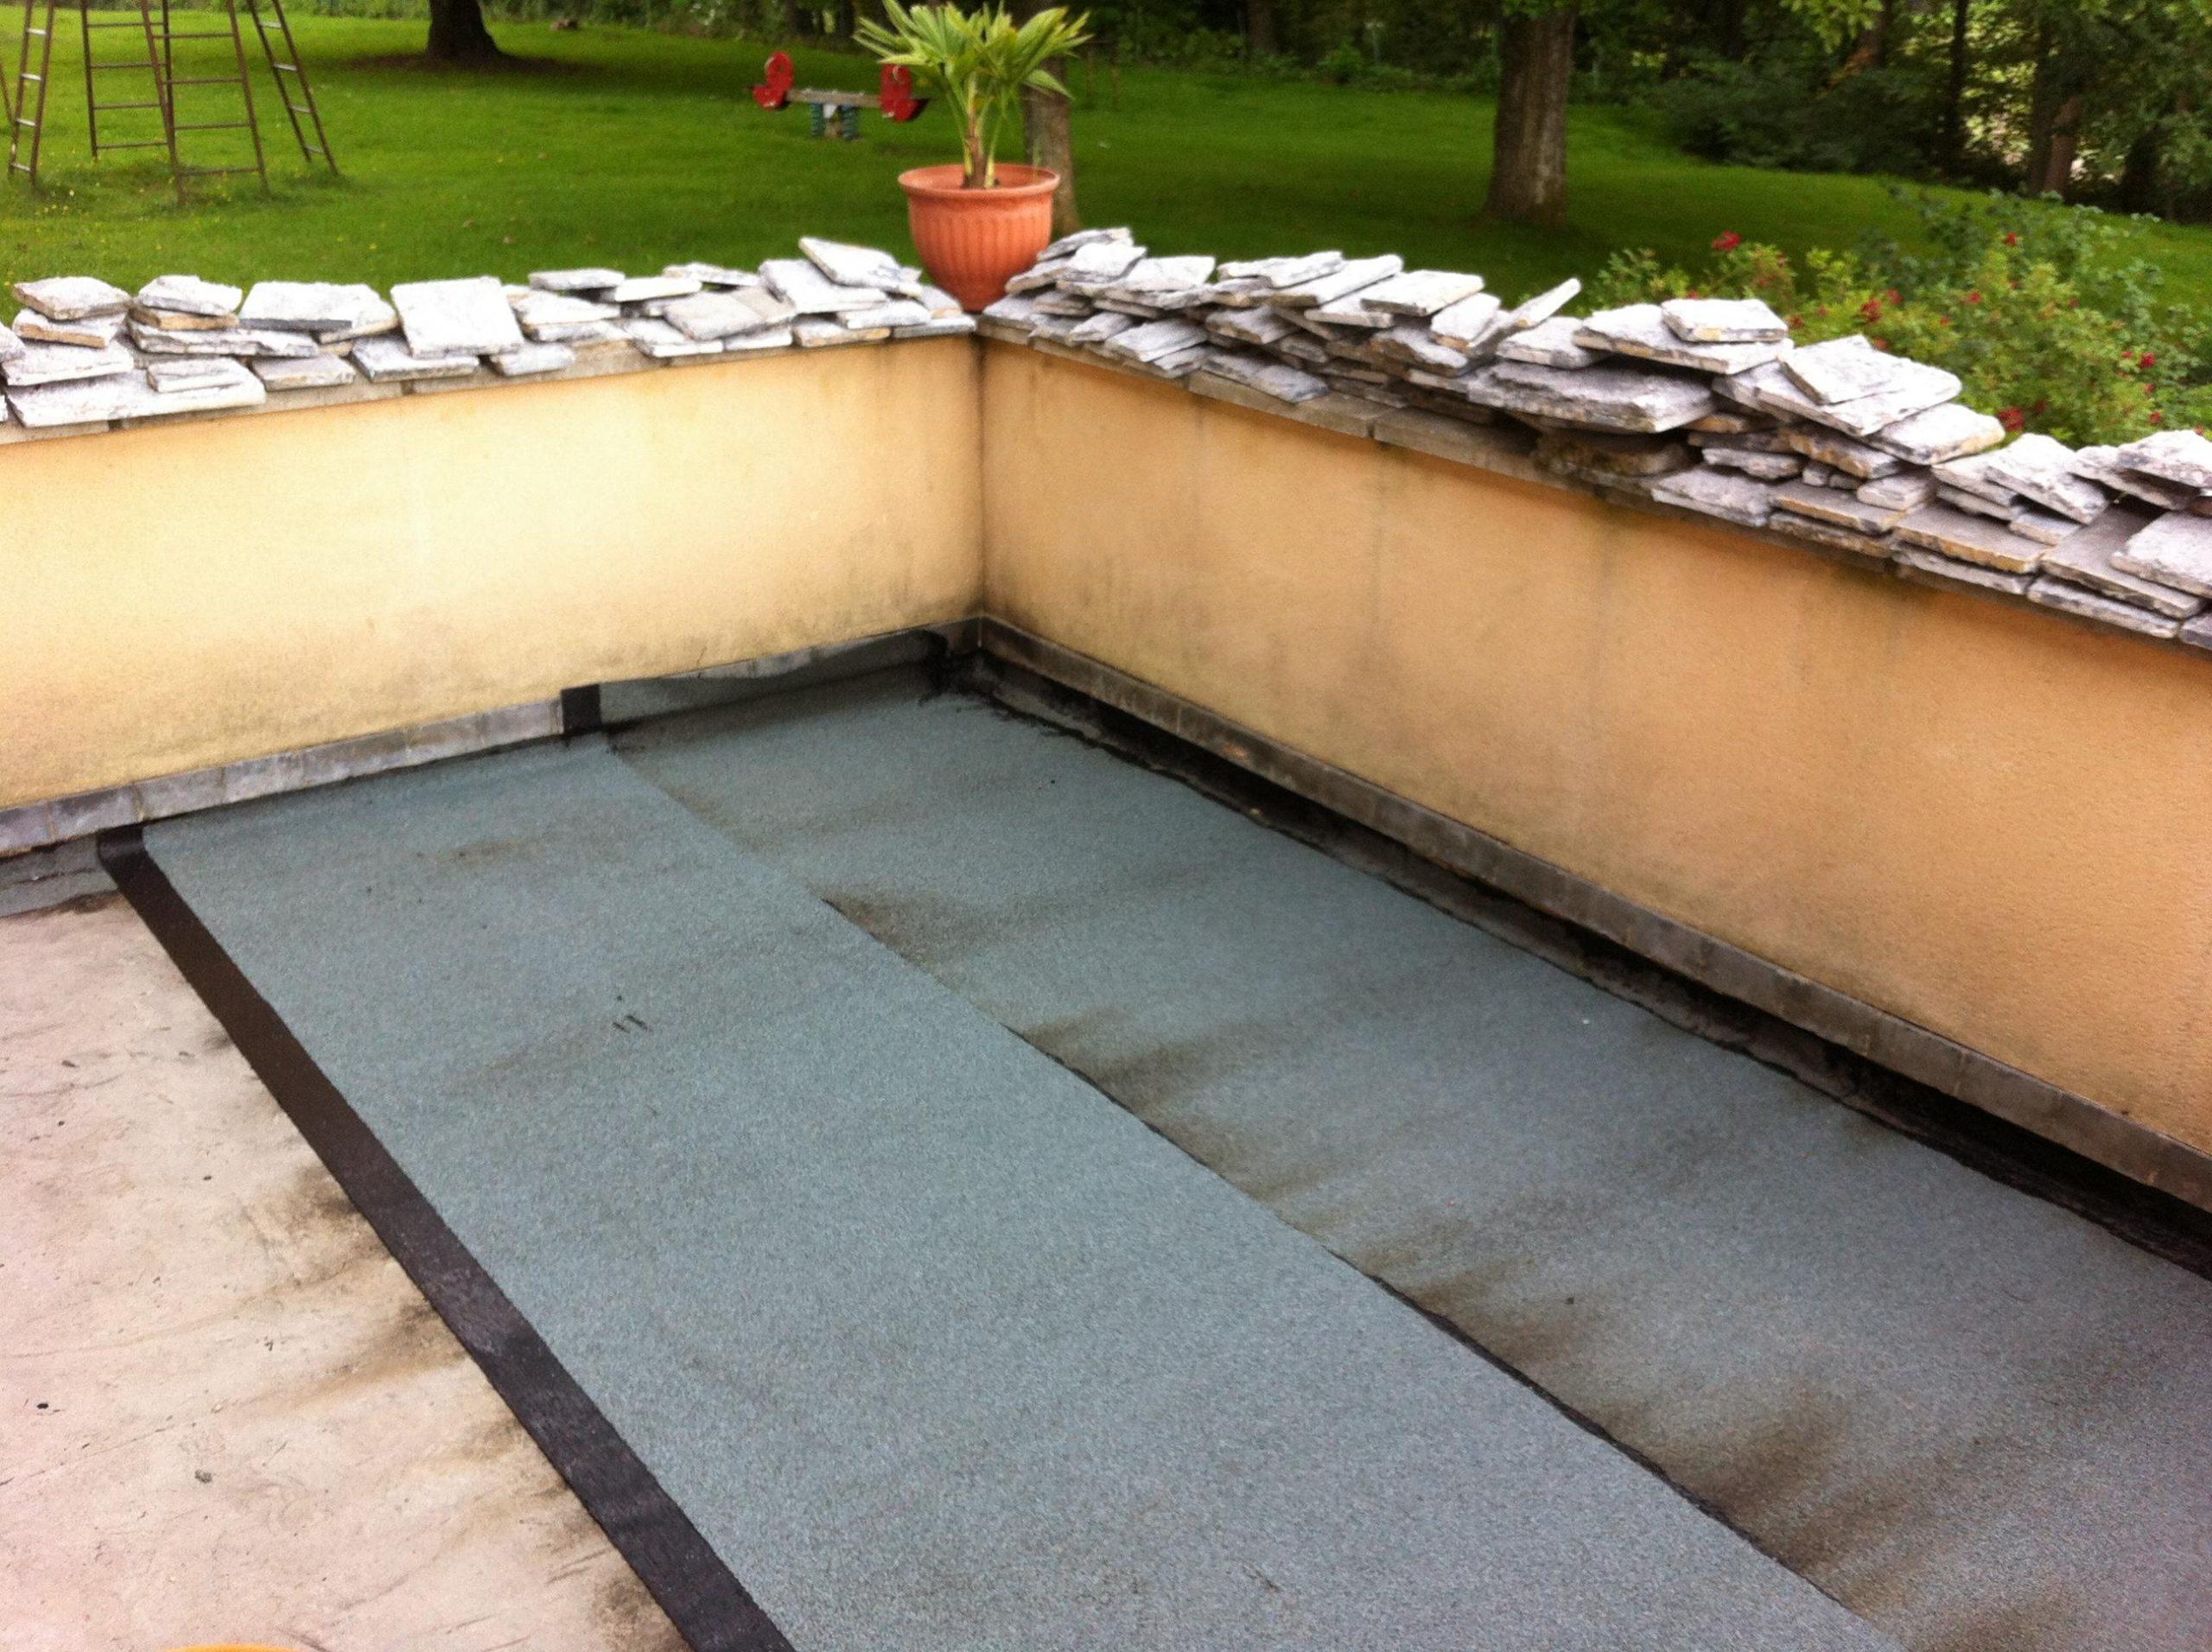 Terrasse | Rénovation Complète De Notre Maison encequiconcerne Étanchéité Terrasse Goudron